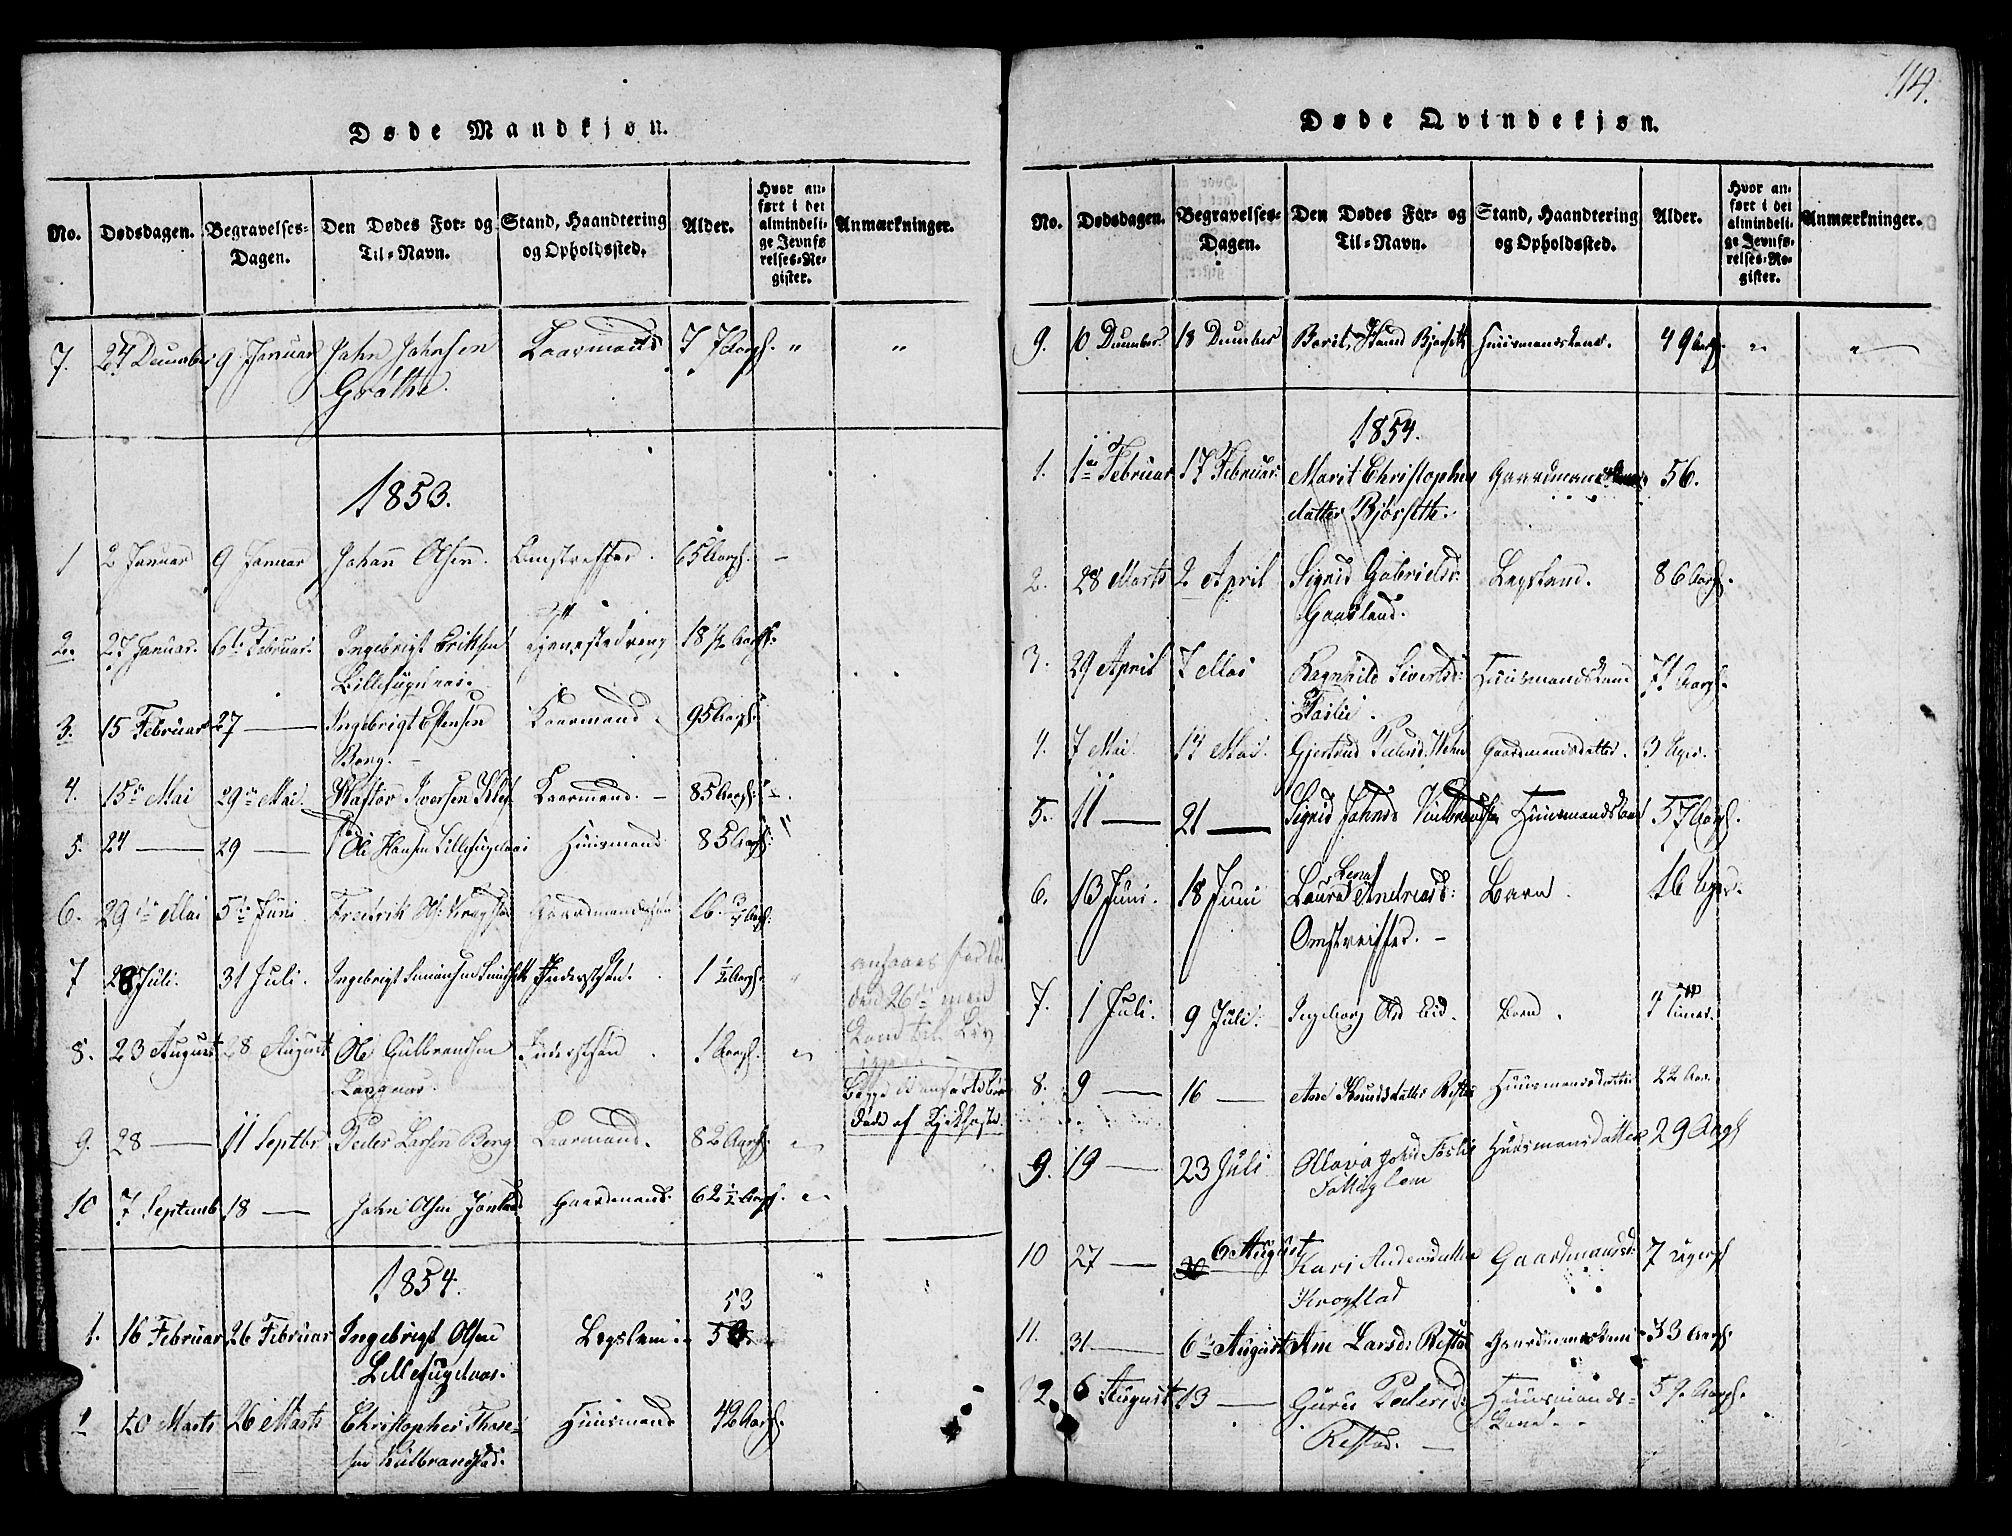 SAT, Ministerialprotokoller, klokkerbøker og fødselsregistre - Sør-Trøndelag, 694/L1130: Klokkerbok nr. 694C02, 1816-1857, s. 114